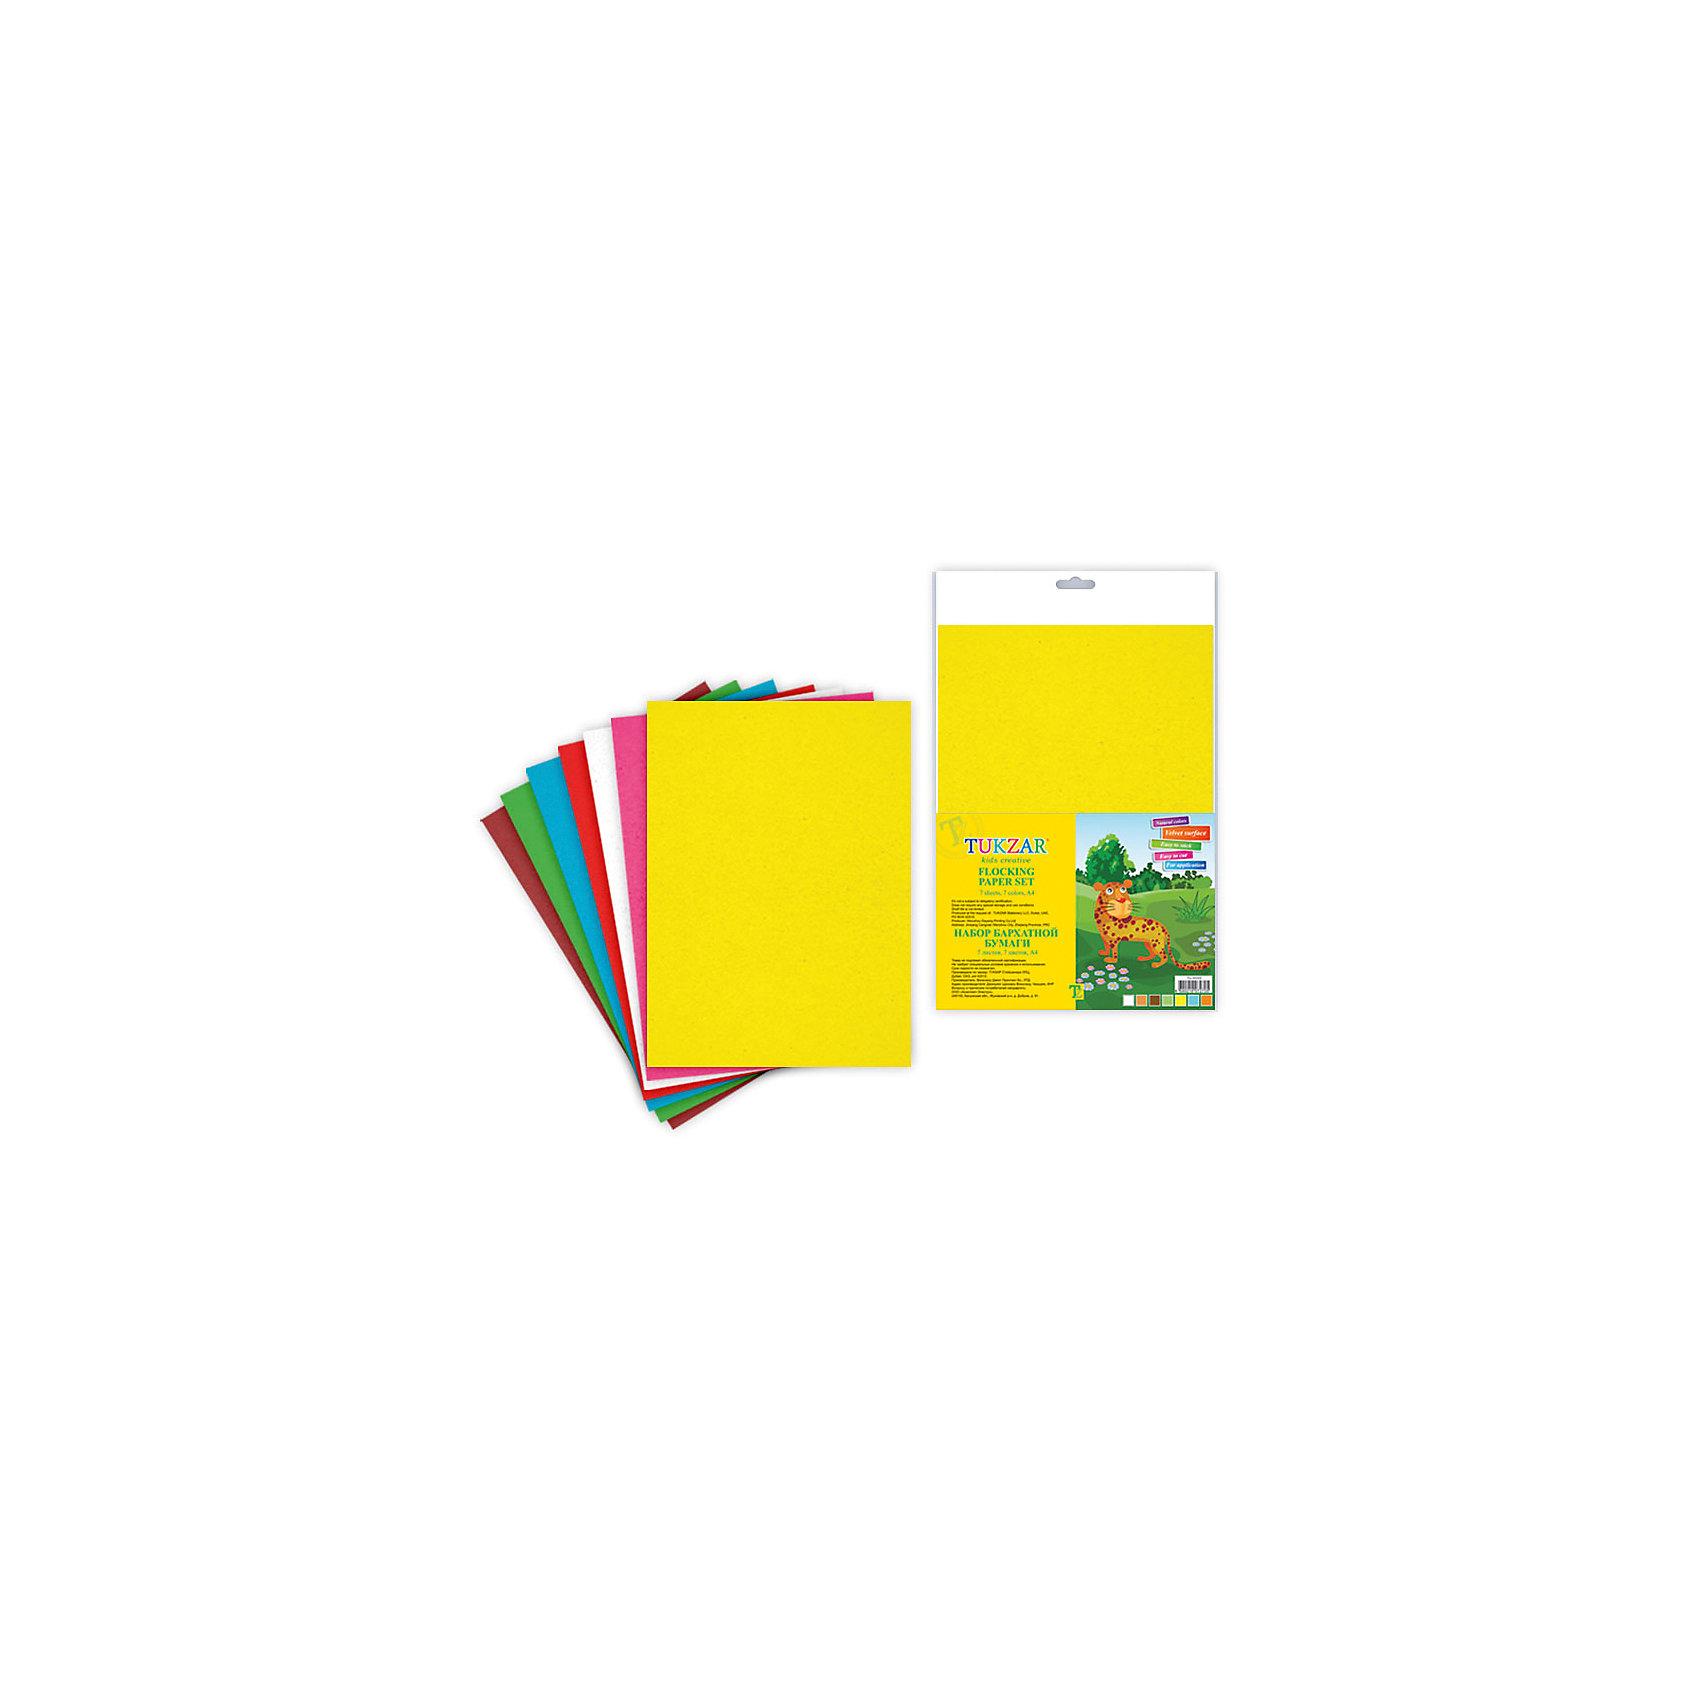 TUKZAR Набор бархатной бумаги, 7 л.Рукоделие<br>В набор включены натуральные цвета: желтый, оранжевый, голубой, зеленый и коричневый.<br>Всего 7 листов формата А4.<br><br>Ширина мм: 340<br>Глубина мм: 235<br>Высота мм: 5<br>Вес г: 90<br>Возраст от месяцев: 36<br>Возраст до месяцев: 144<br>Пол: Унисекс<br>Возраст: Детский<br>SKU: 3137899